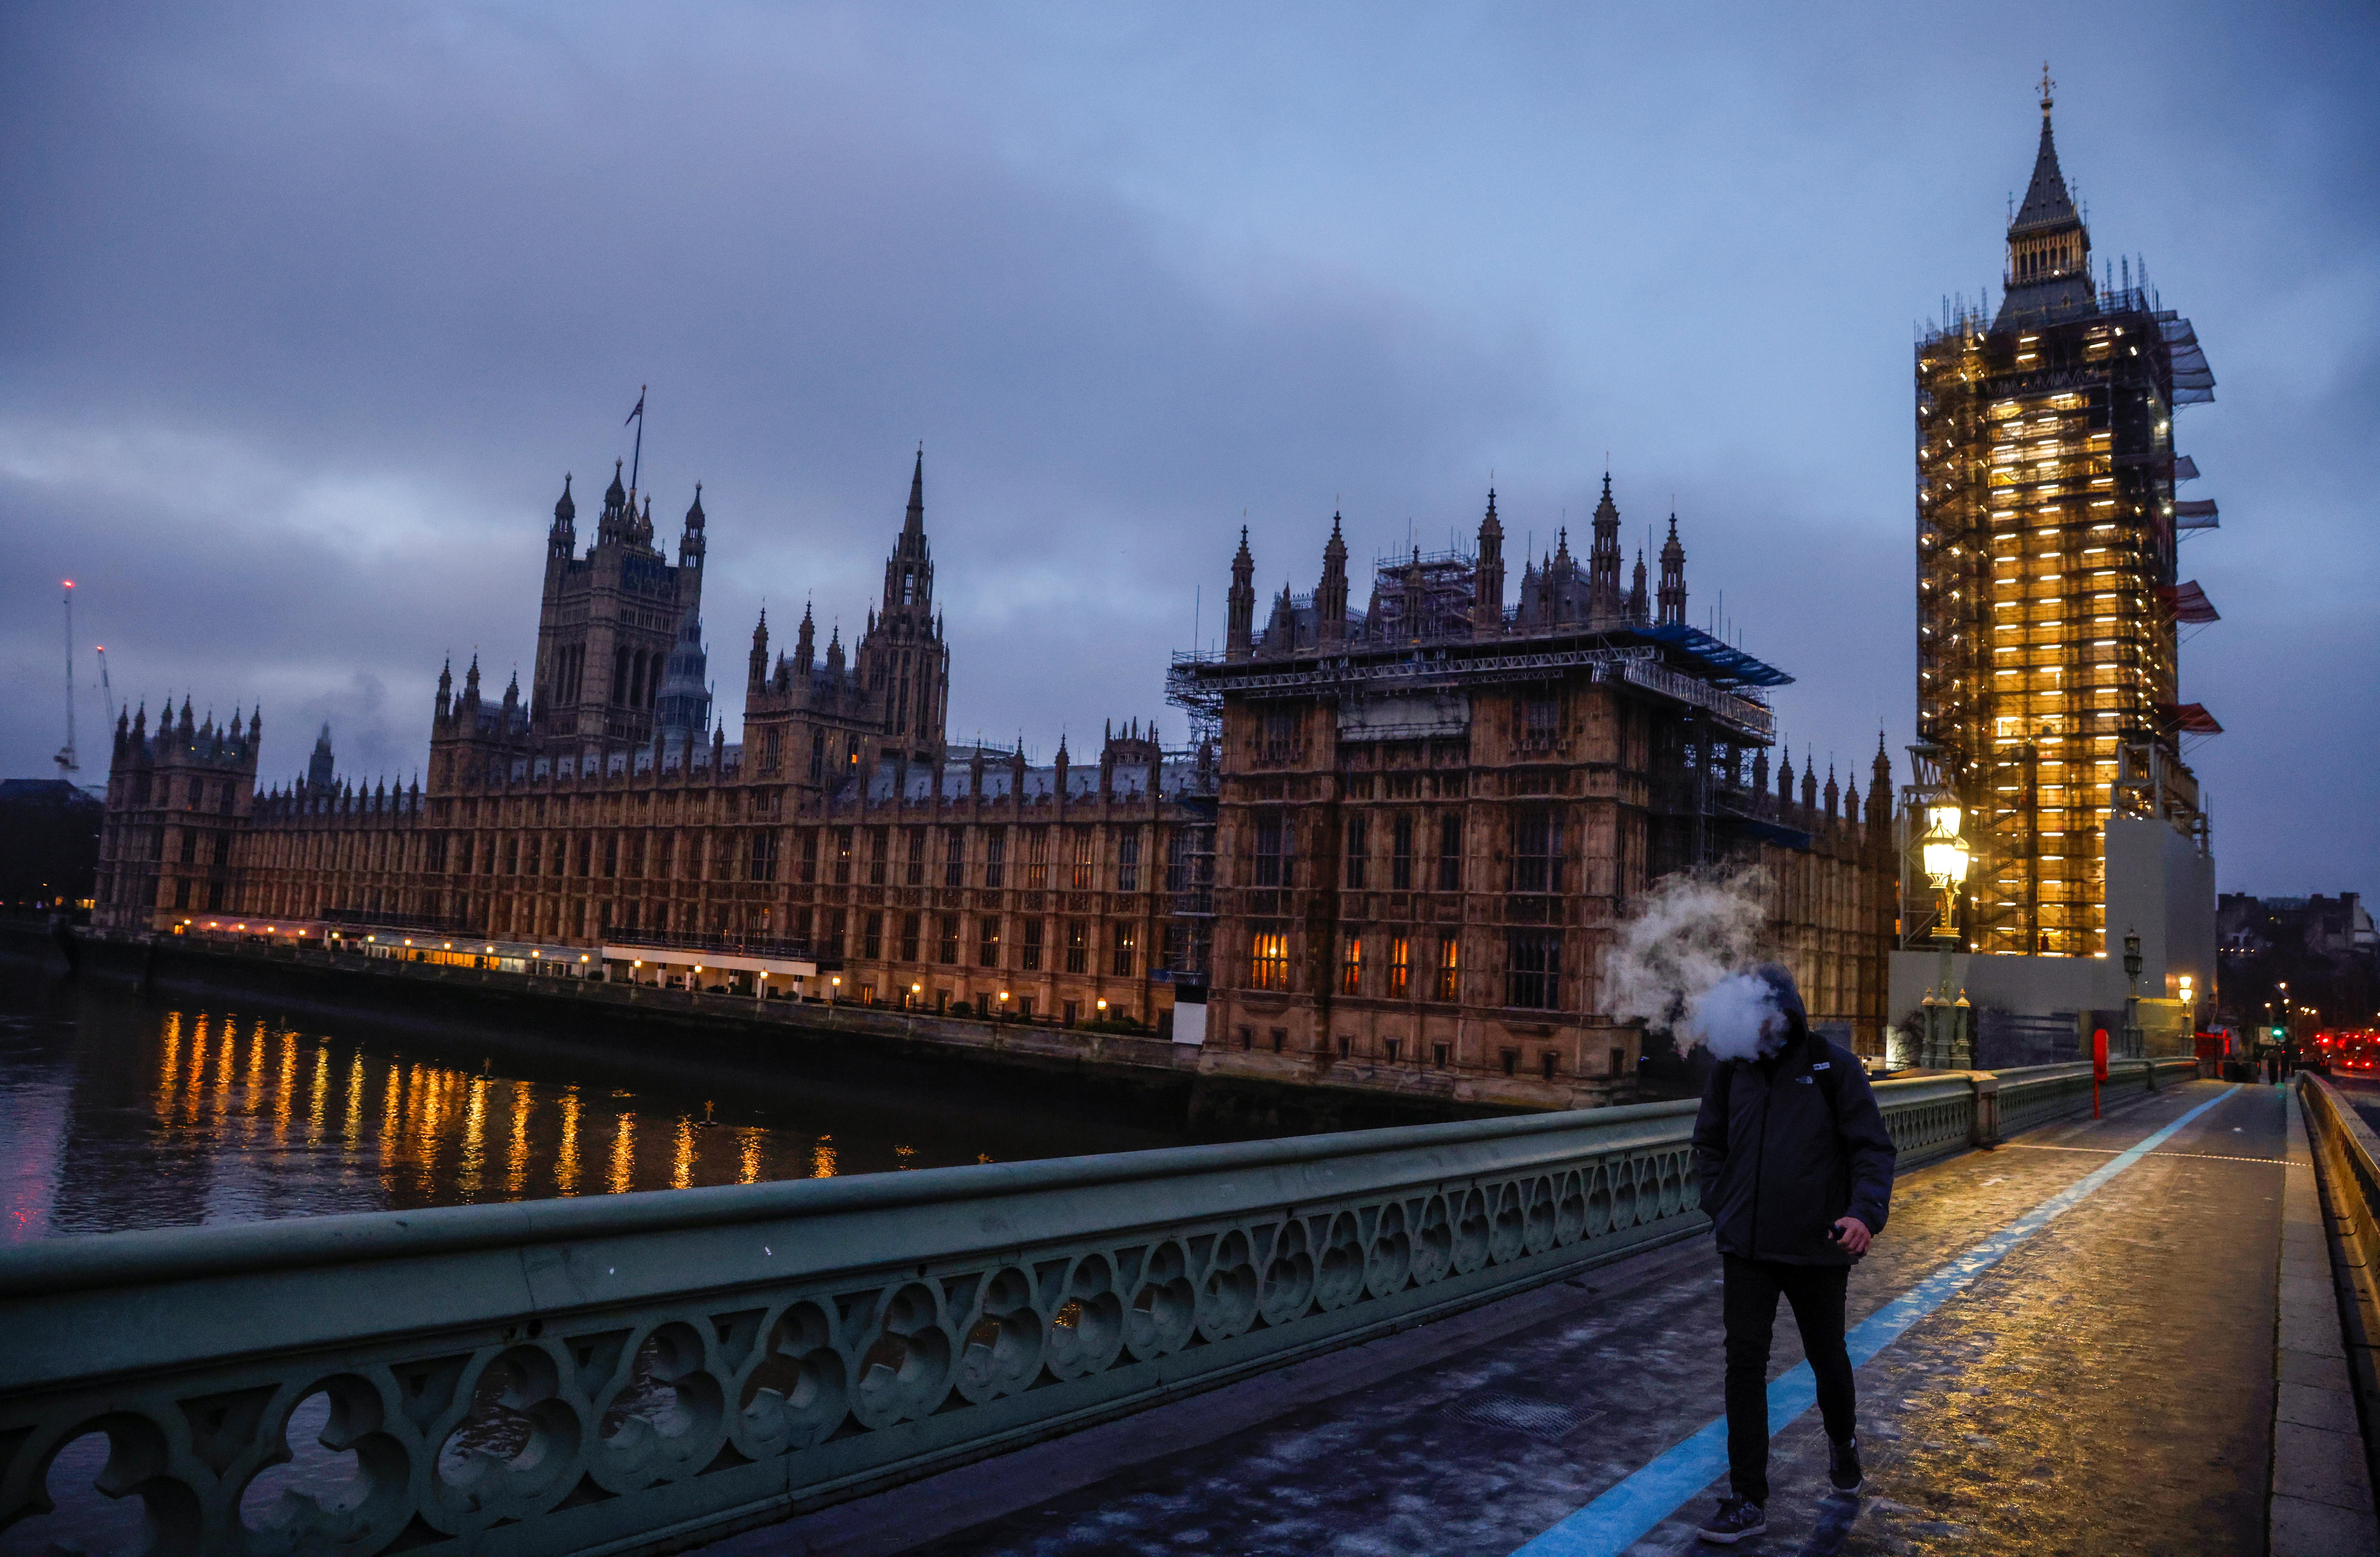 Vista de Westminster desde el Puente de Londres.